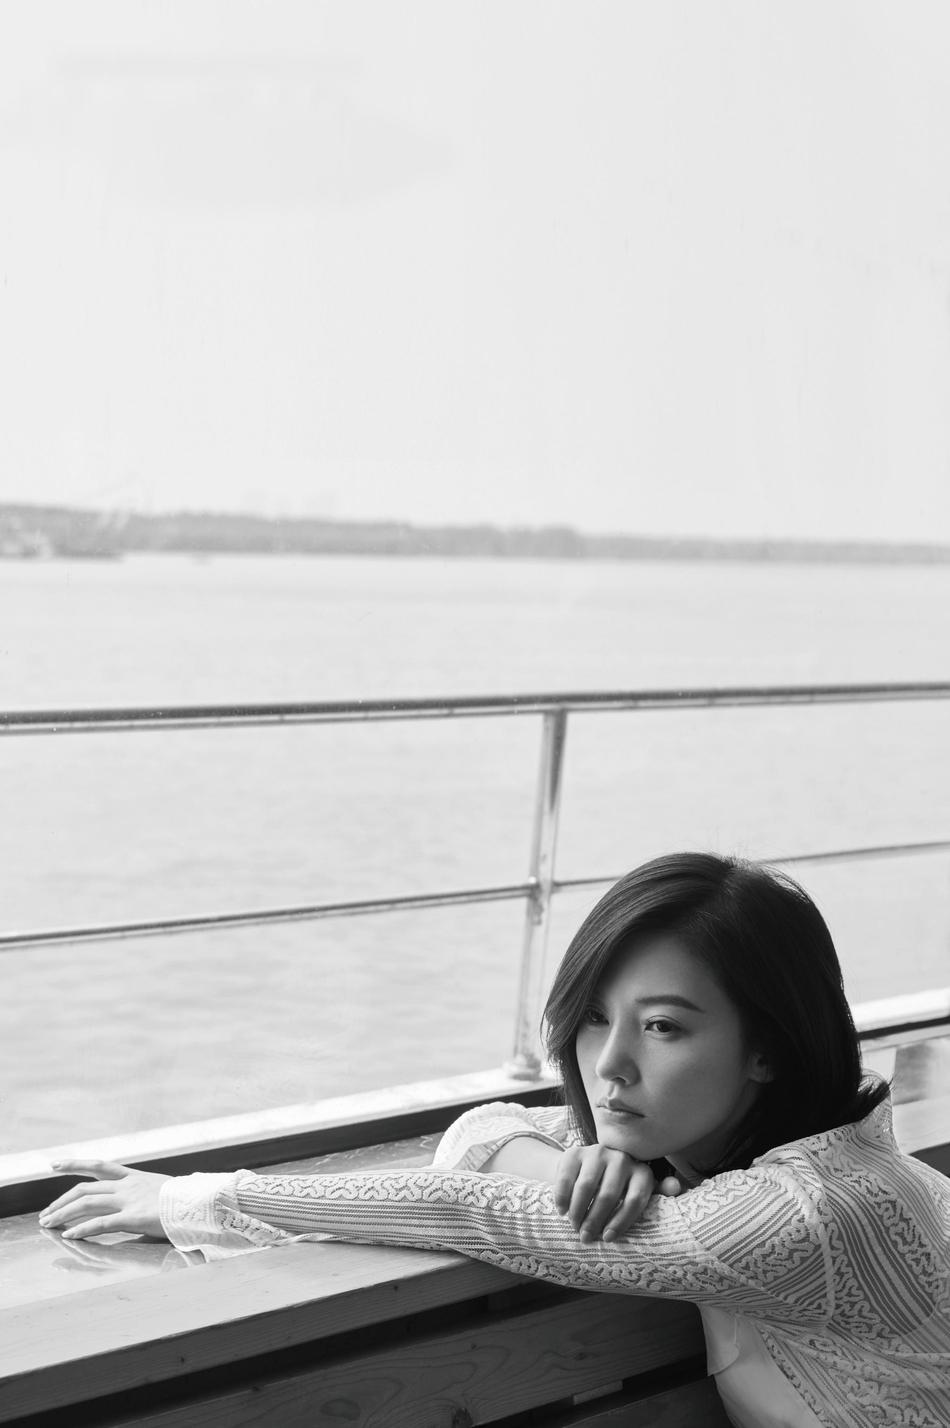 杨子姗登《NYT Travel》周年刊封面 南京女孩古都演绎高级质感